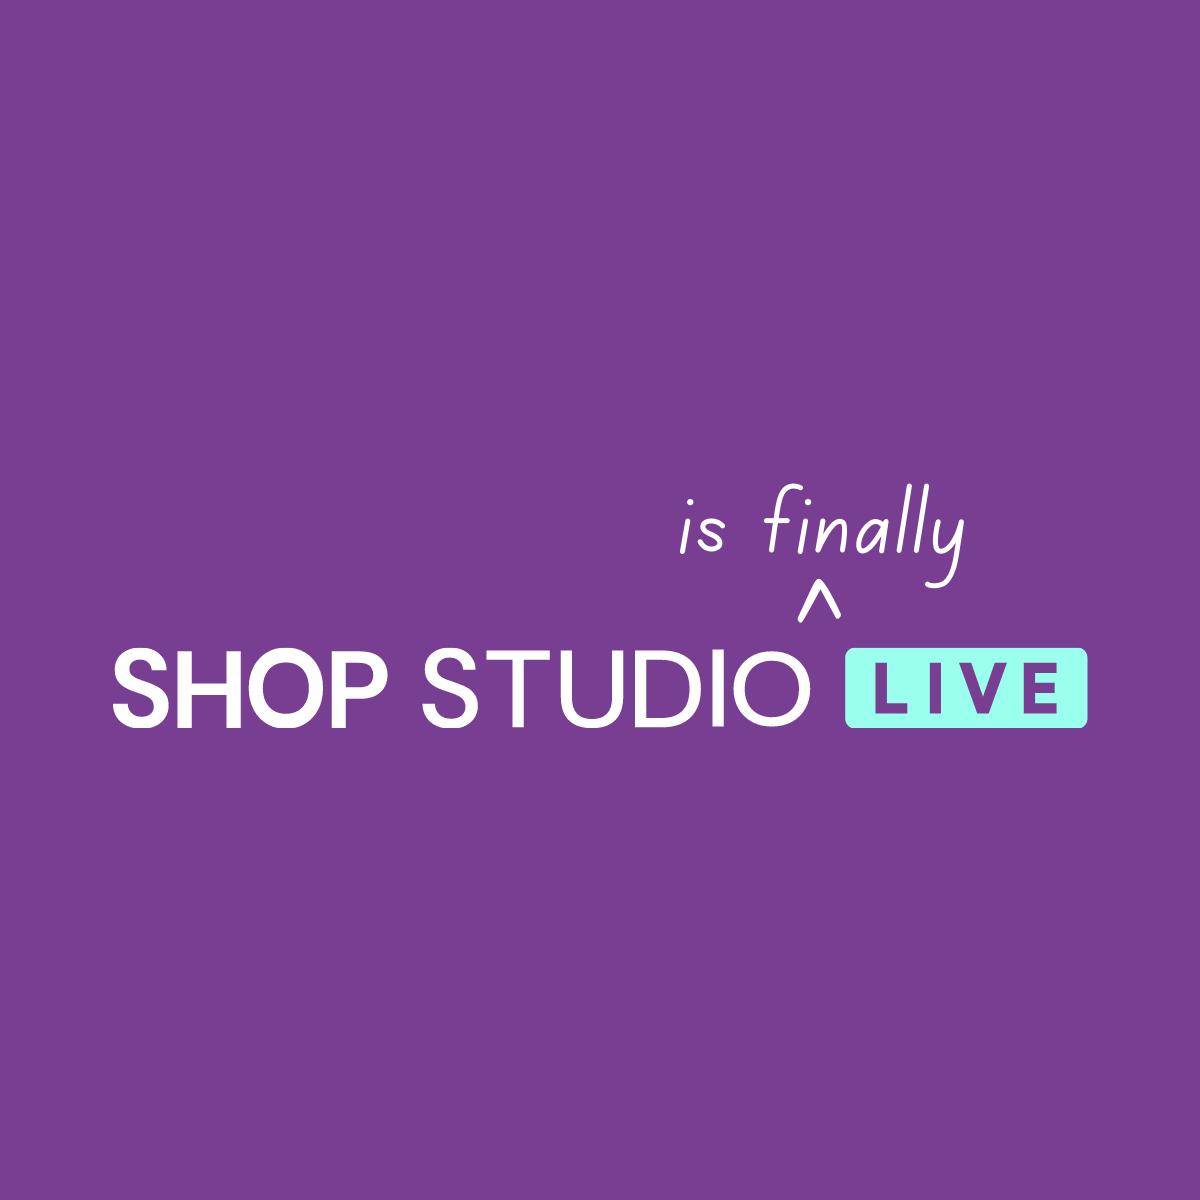 We've launched: Shop Studio Live